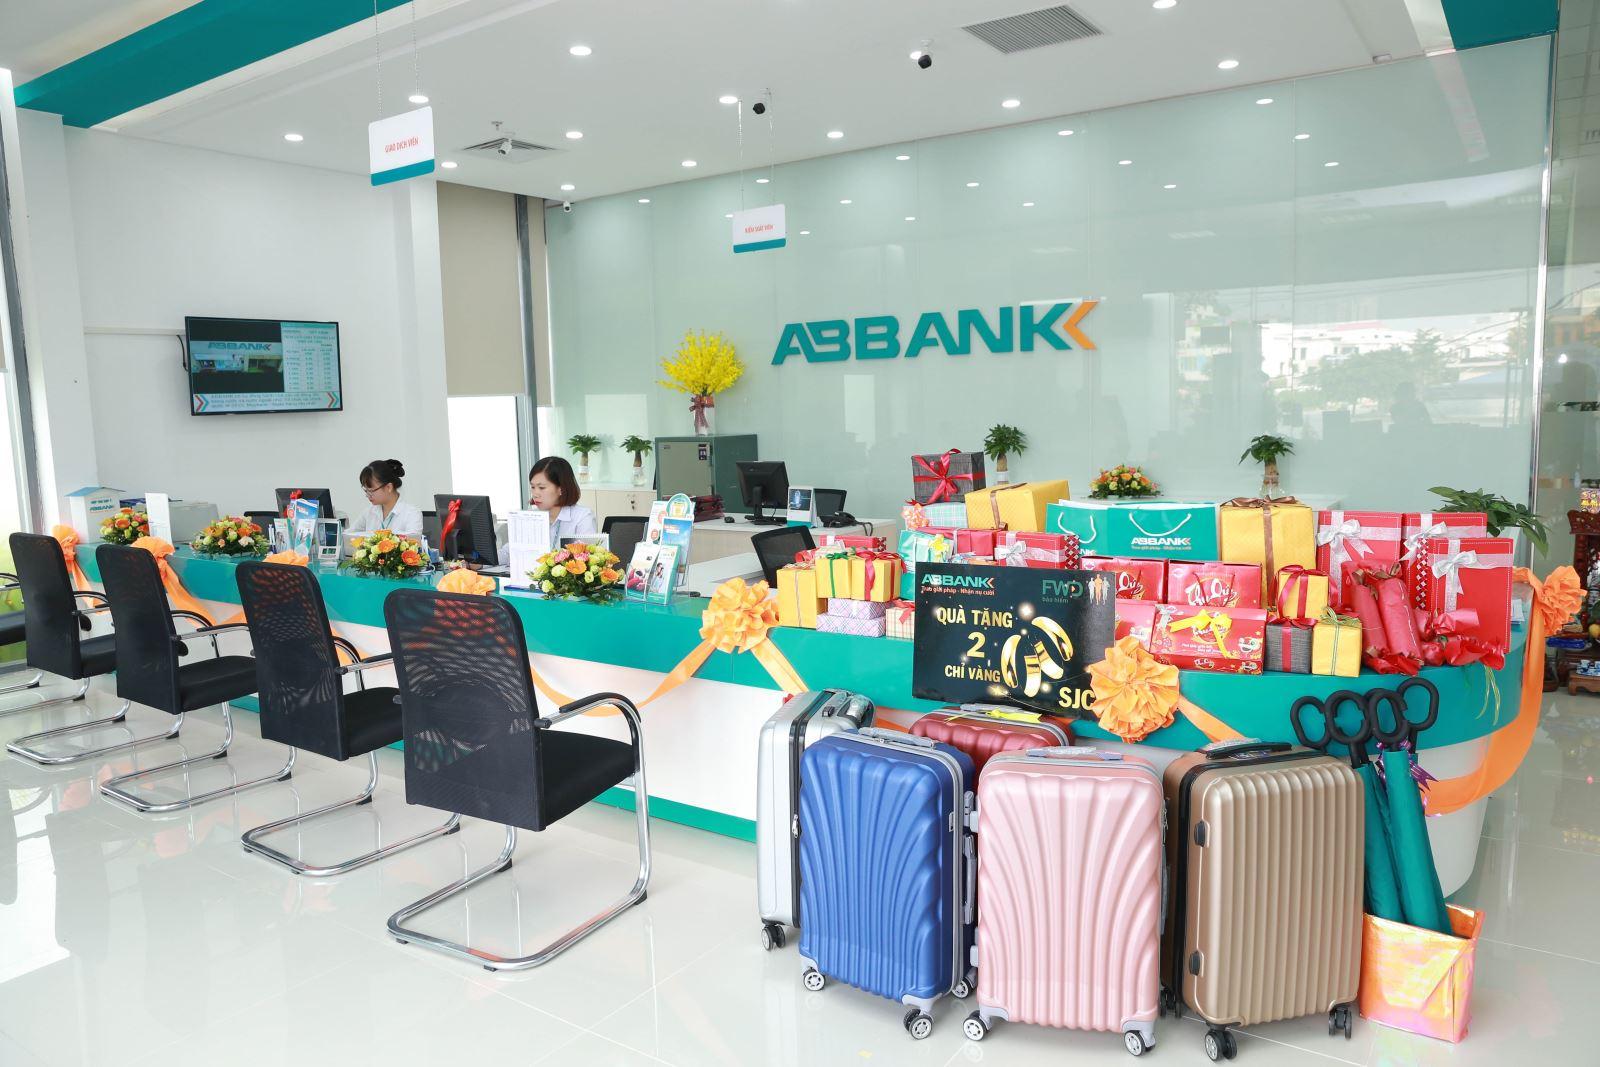 ABBank báo lãi 856 tỷ đồng 9 tháng đầu năm 2019  ABBank 9 tháng lợi nhuận đạt 856 tỷ đồng abbank 1571408446